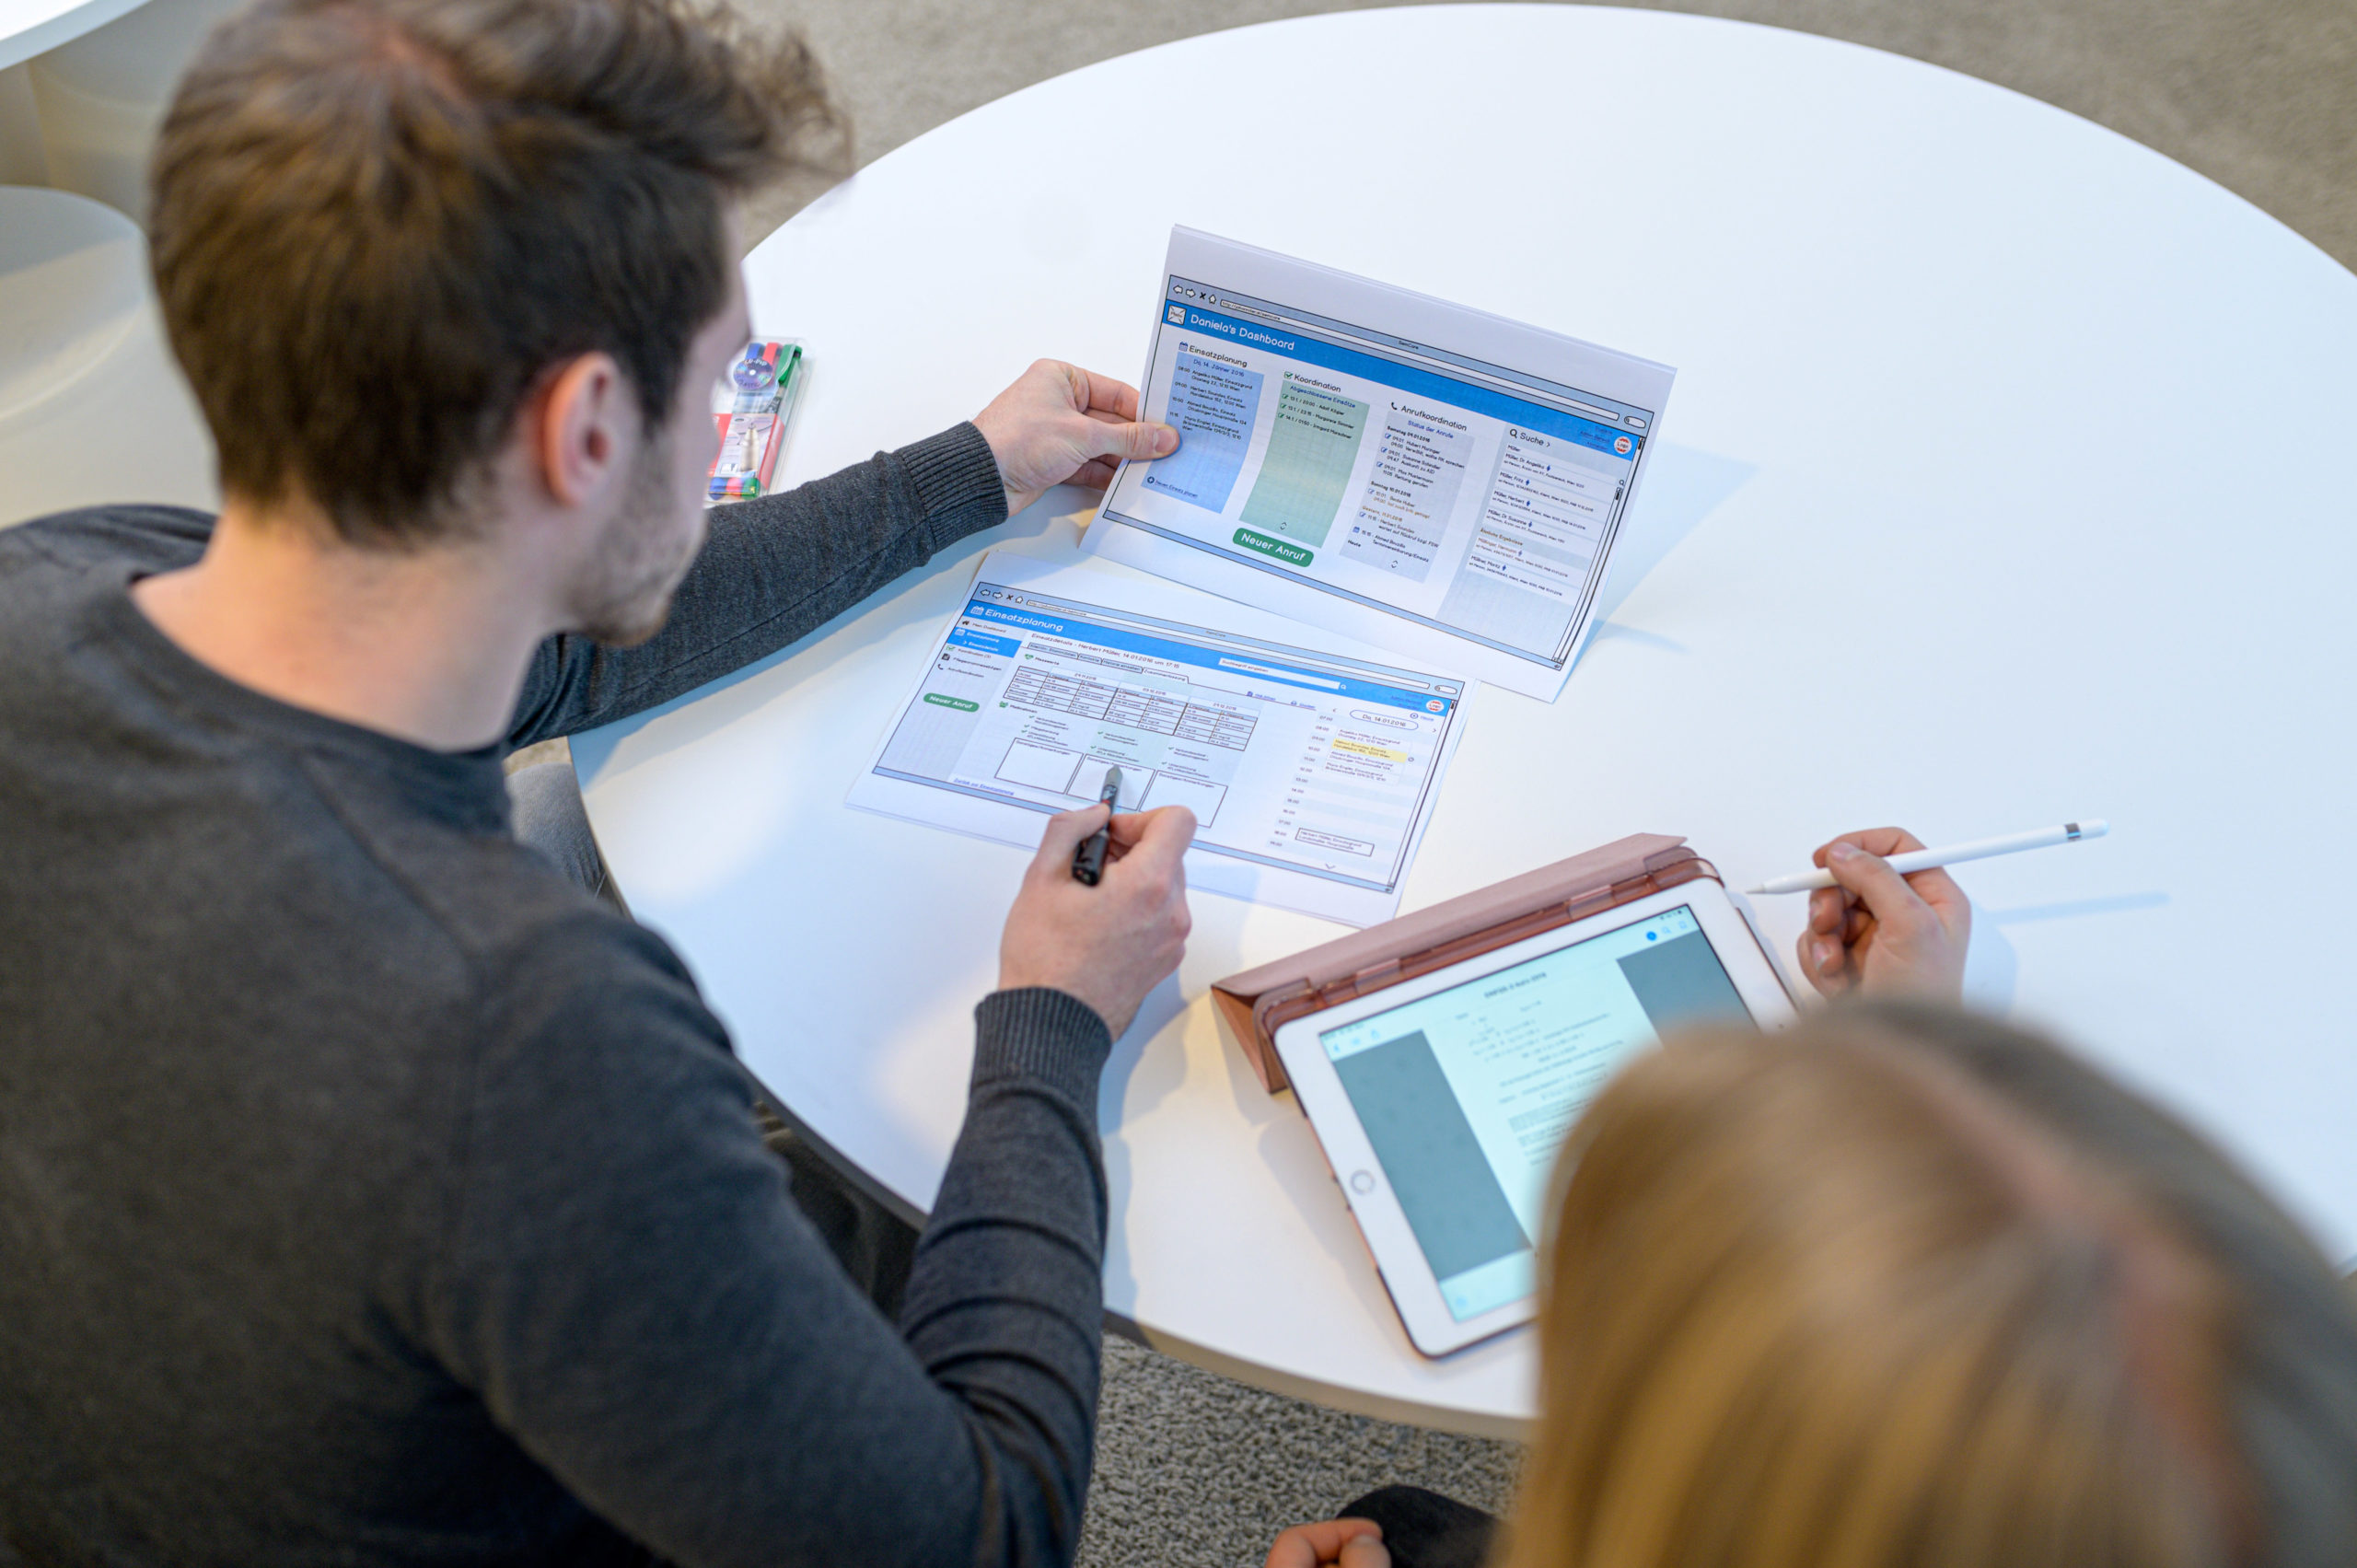 Digitale Kompetenzen für Nicht-TechnikerInnen: Diese Master-Lehrgänge rüsten dich für die Digitalisierung.